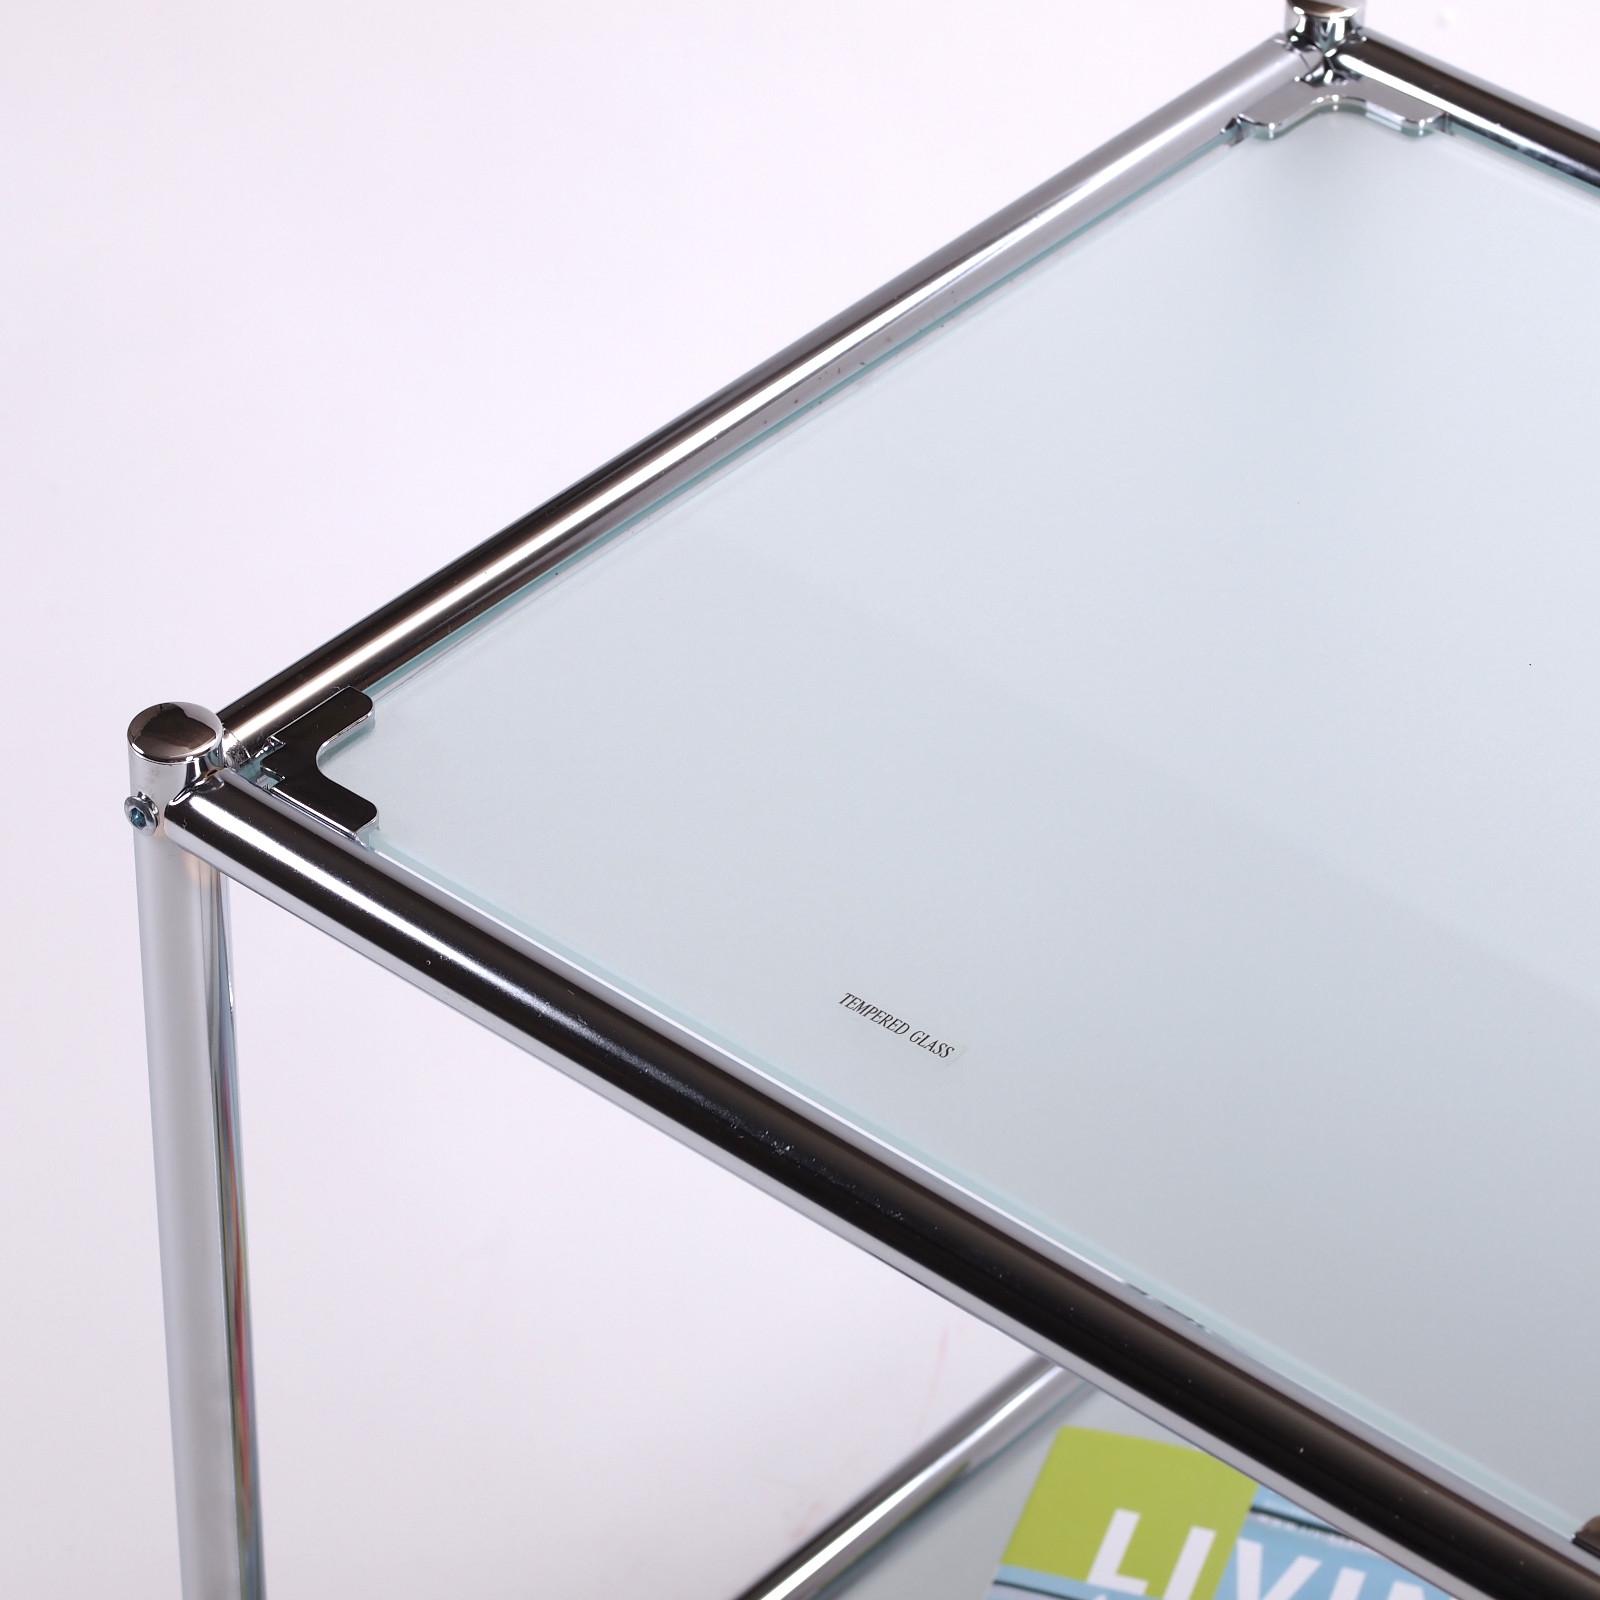 design beistelltisch style 40x40cm glas wohnzimmertisch aktenschrank weiss ebay. Black Bedroom Furniture Sets. Home Design Ideas